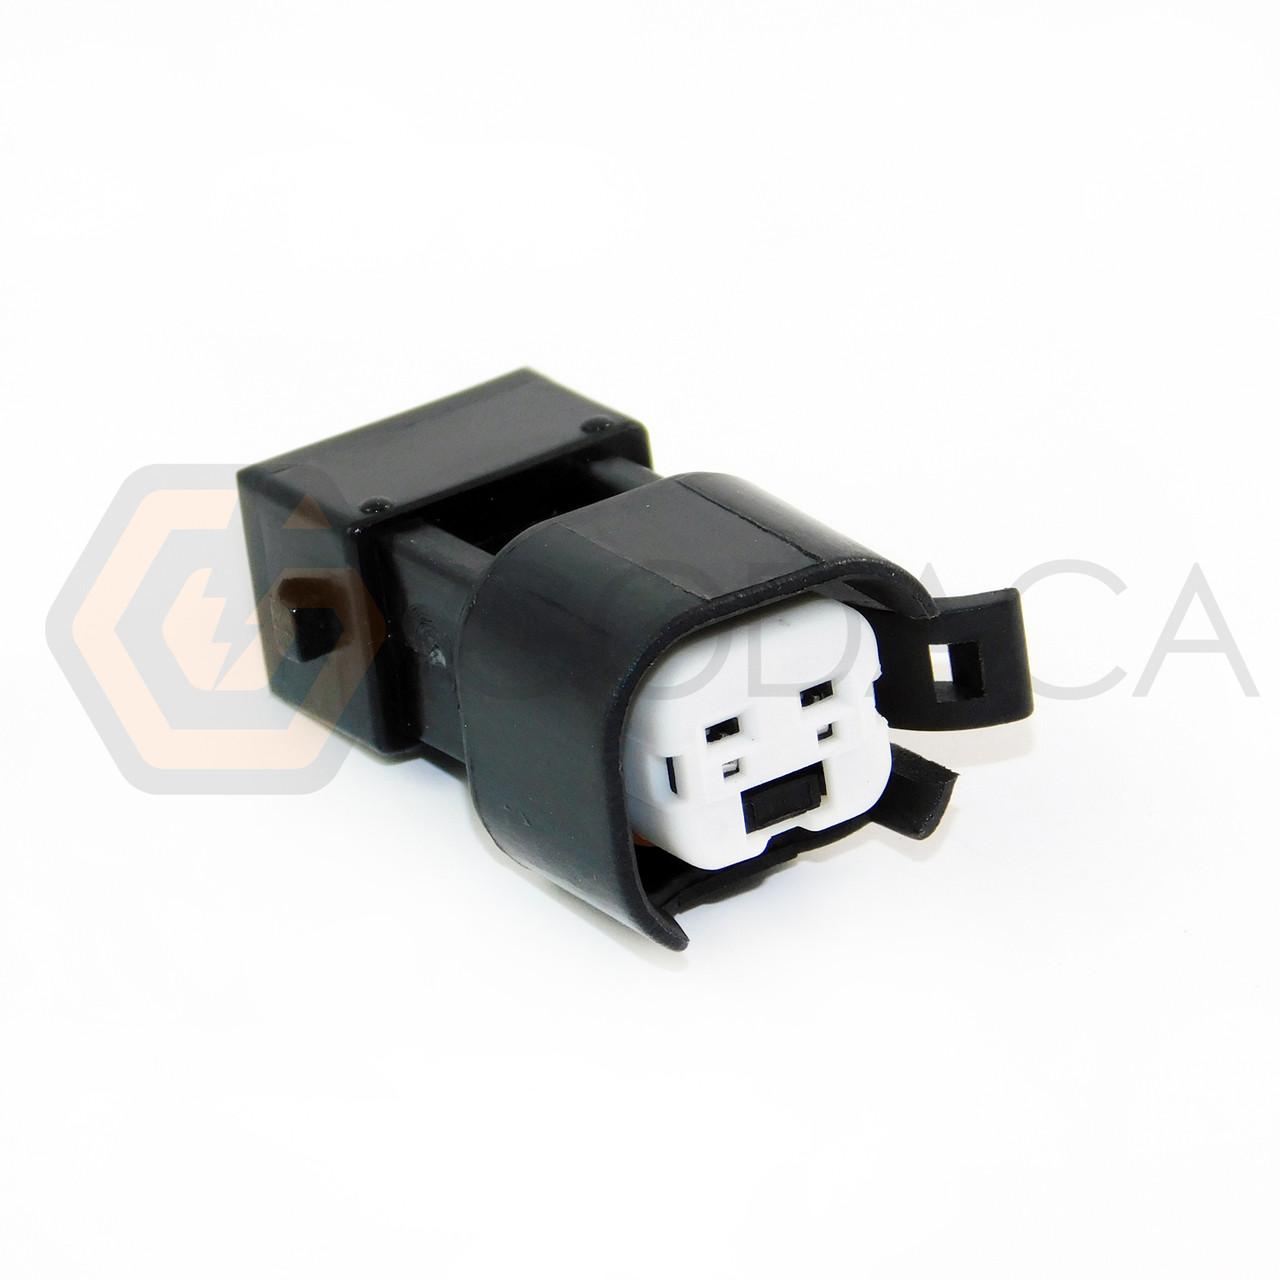 small resolution of 1x connector injector adapters ev1 ev6 ls1 ls6 lt1 ls2 ls3 ls7 plug and play godaca llc